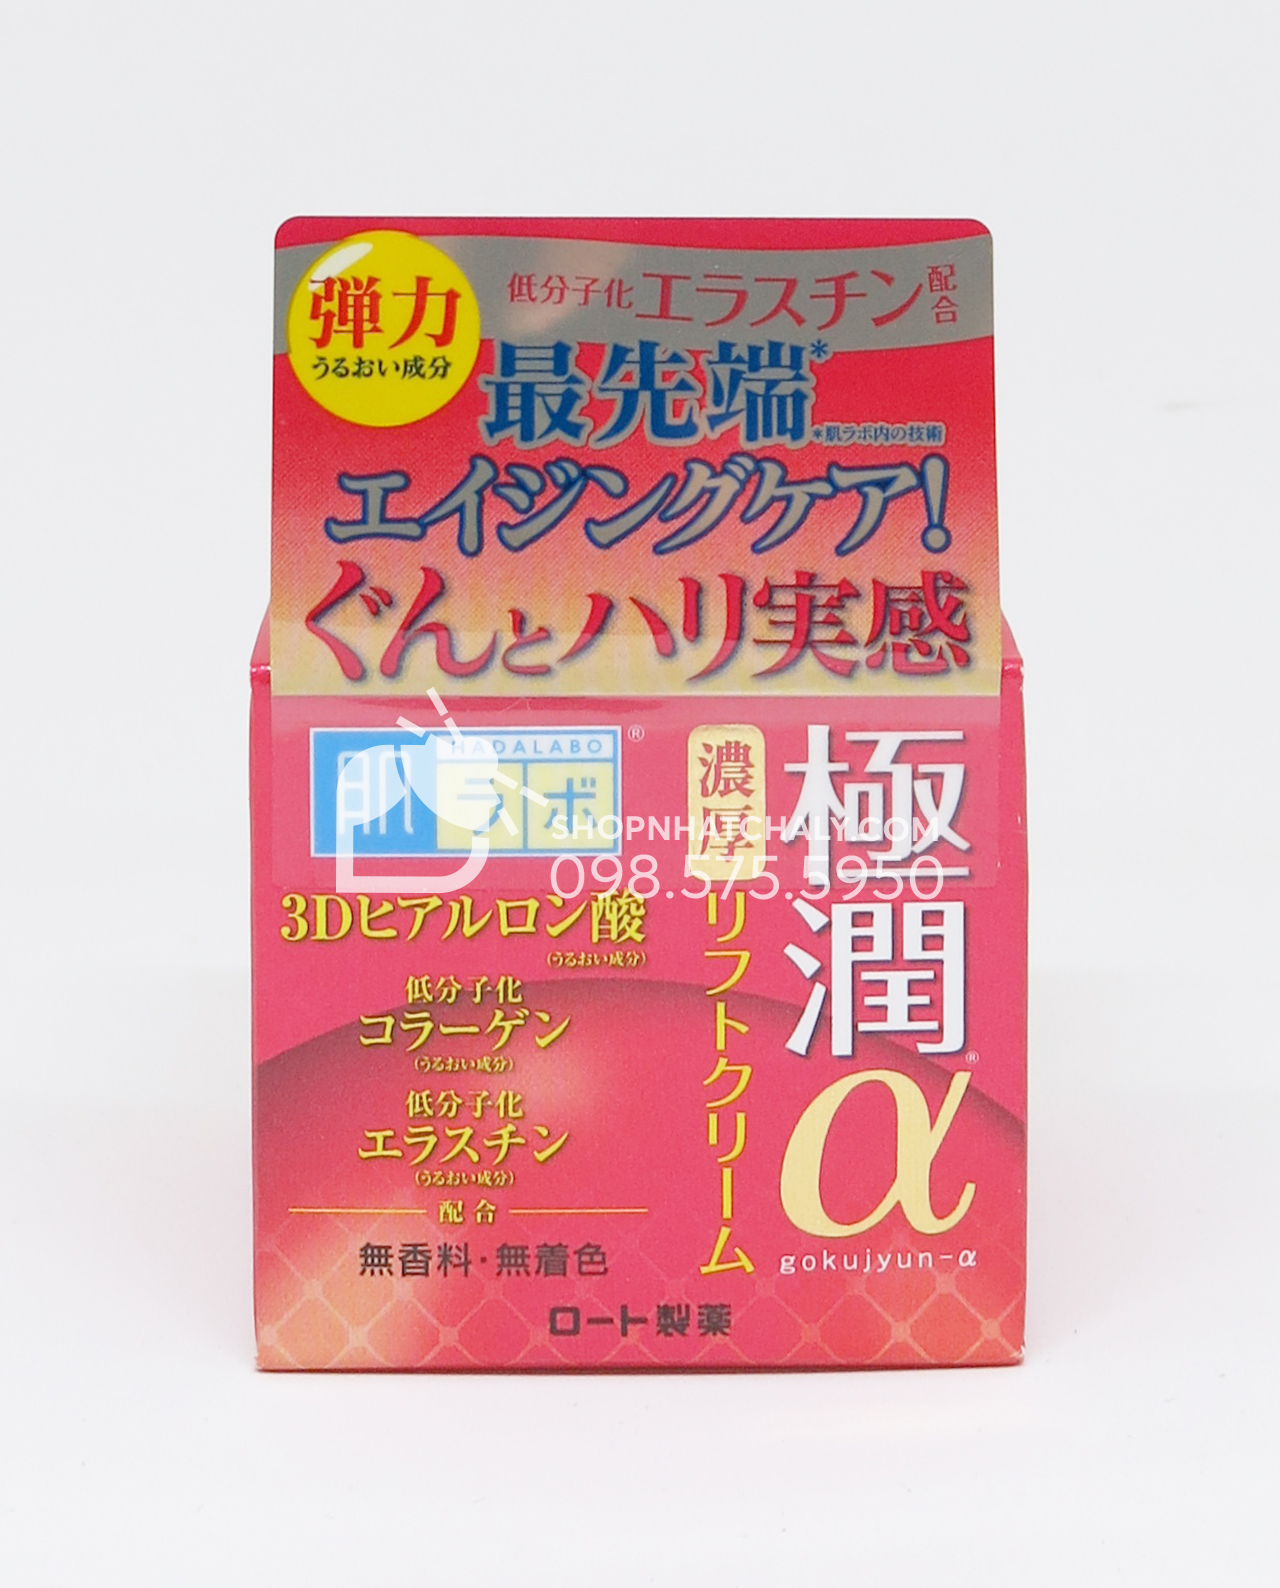 Kem dưỡng da chống lão hóa Hada Labo Pro Anti Aging Nhật Bản